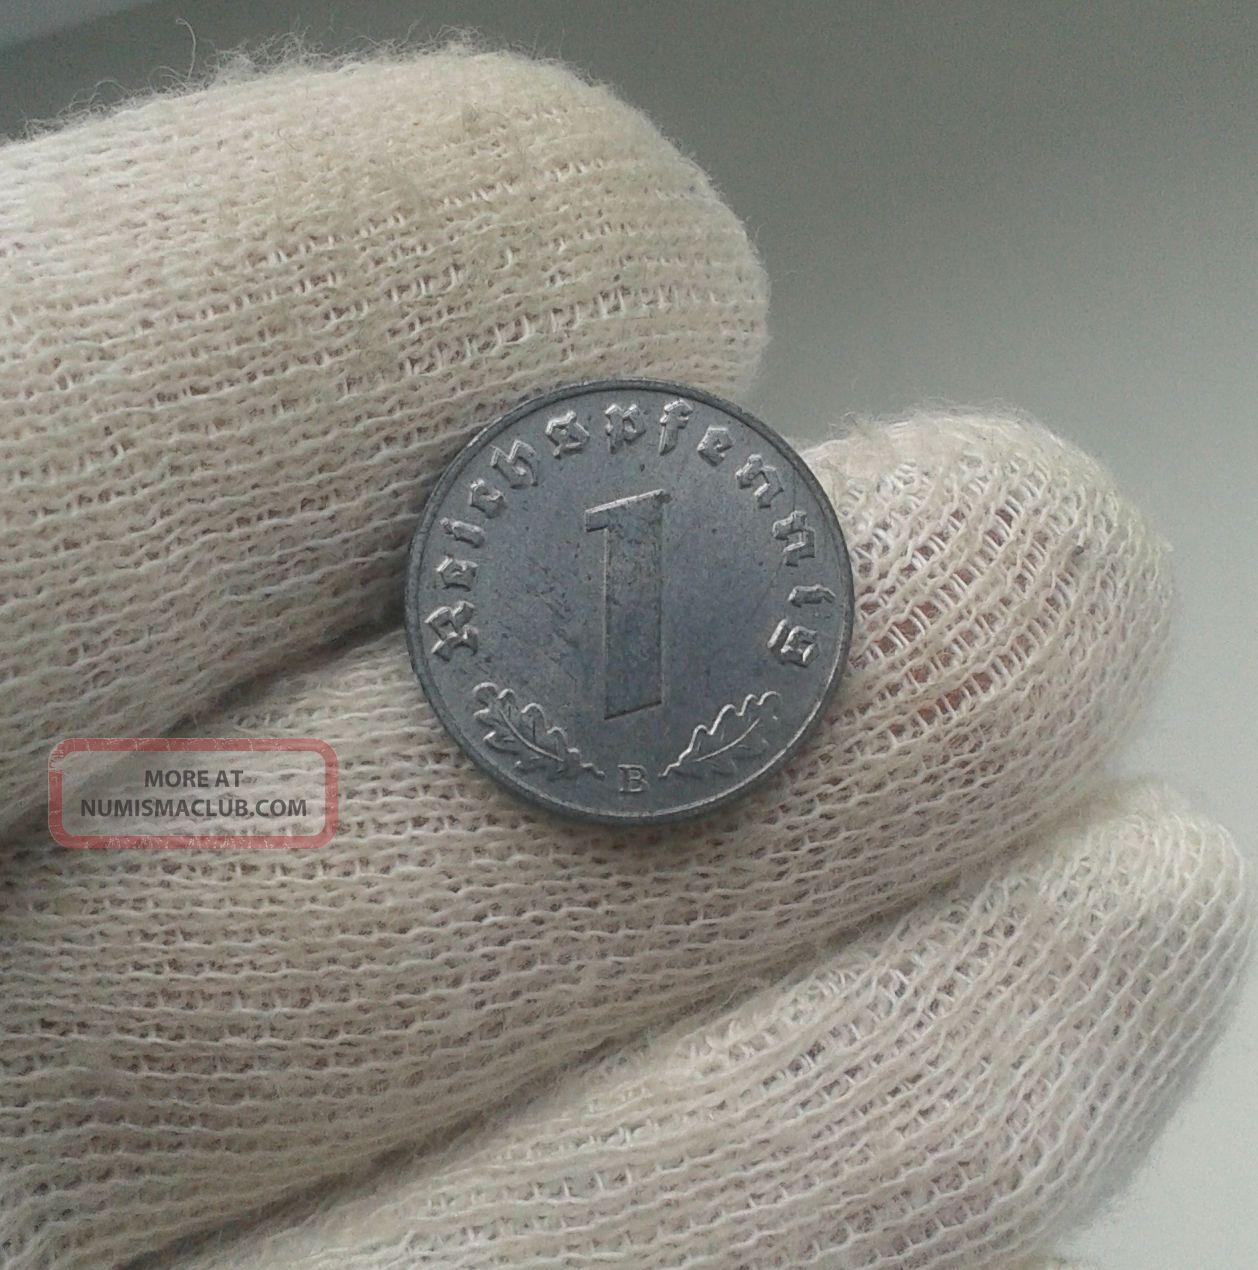 Xxrare German 3rd Reich 1944 B - 1 Reichspfennig Wwii Coin Uncirculated Germany photo